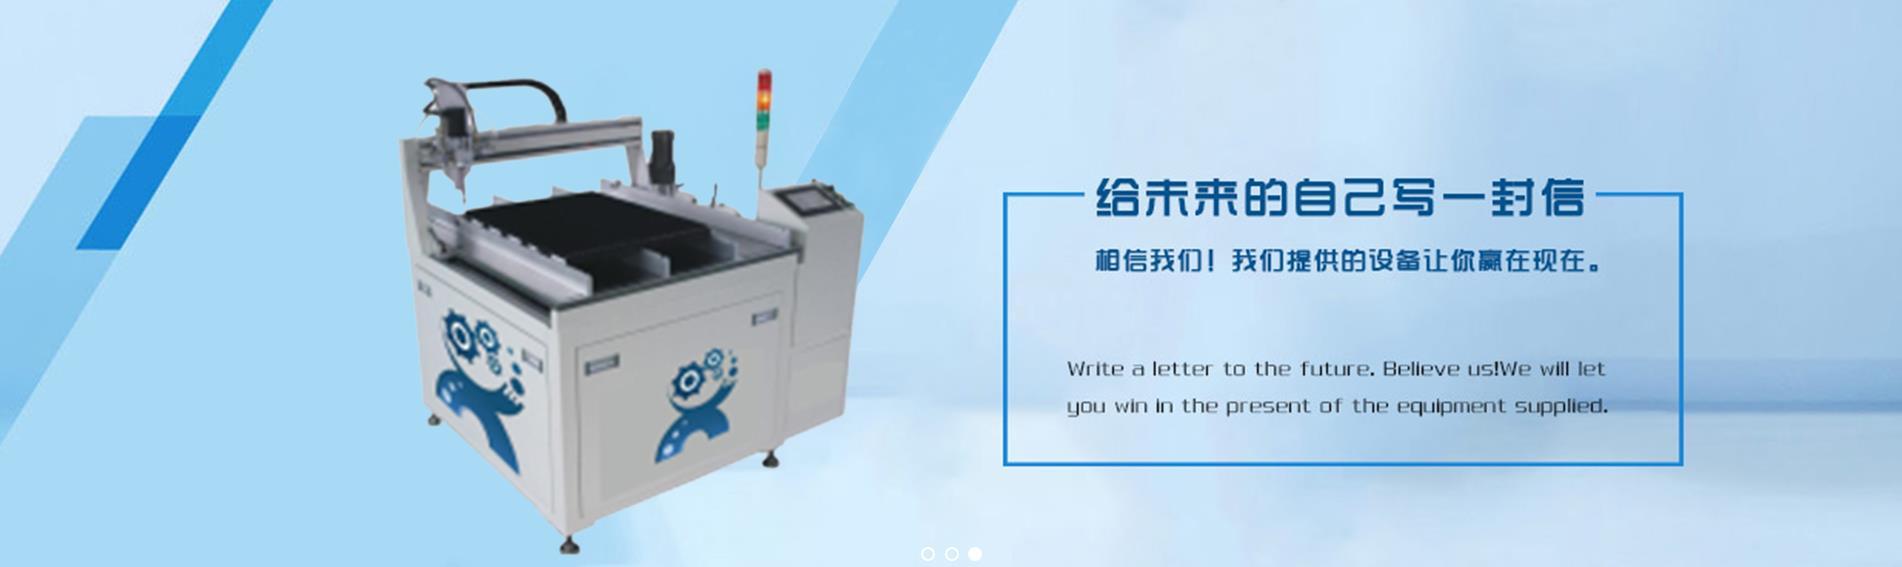 深圳市先途科技有限公司